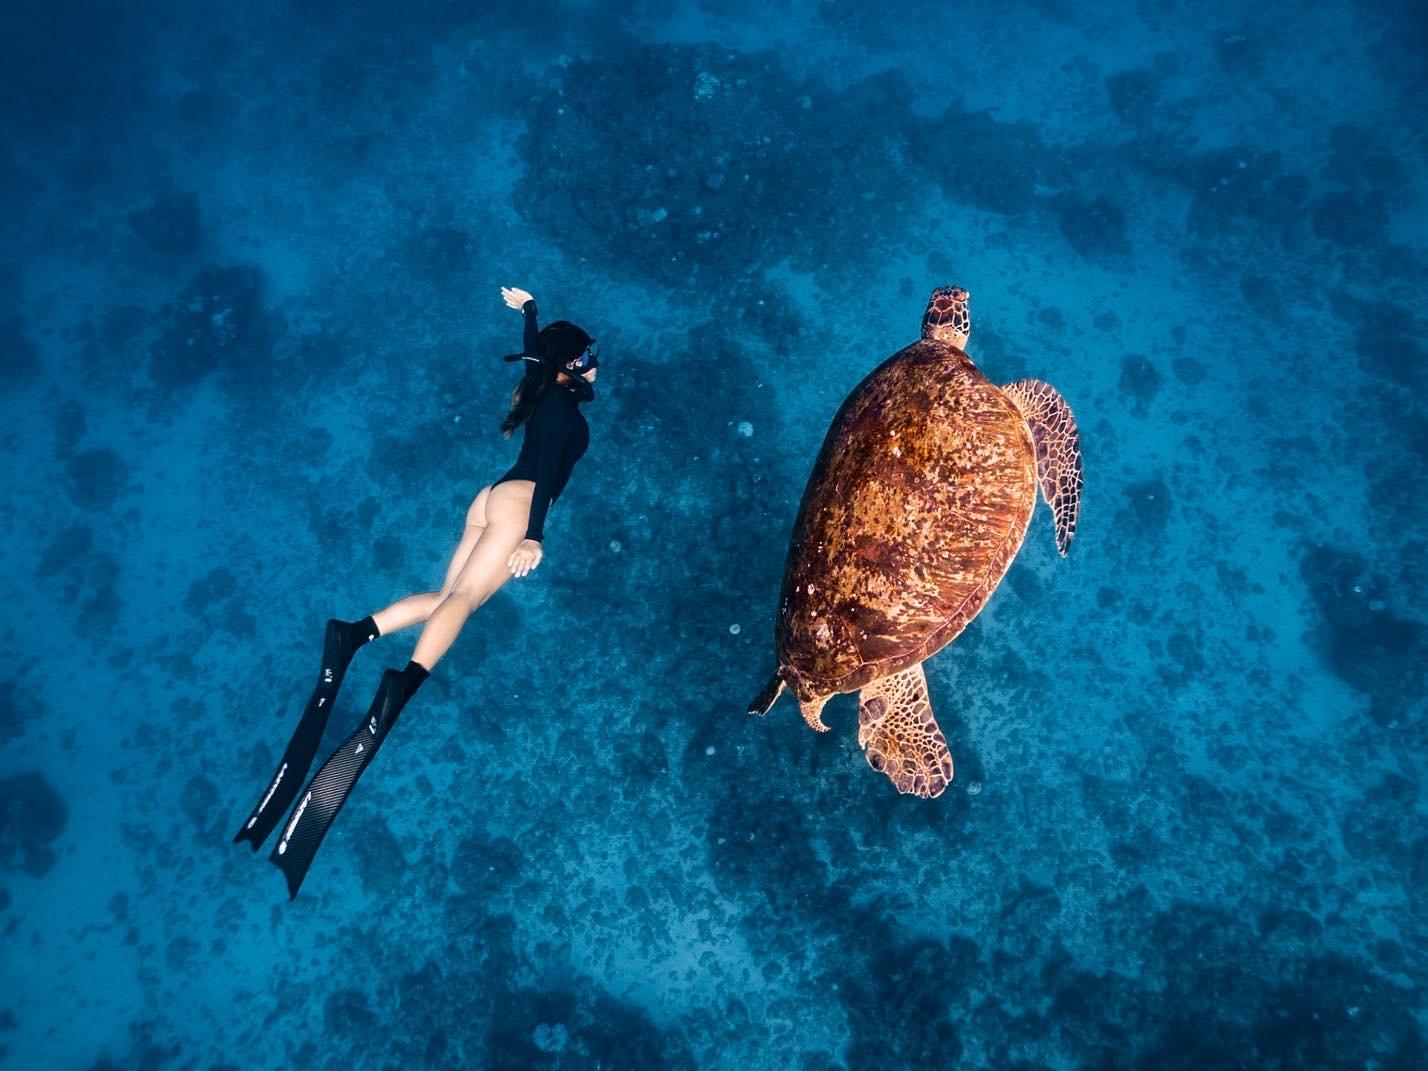 謎卡和巨大的海龜同游,親近海洋生態讓她更希望能保護這脆弱的藍色世界。